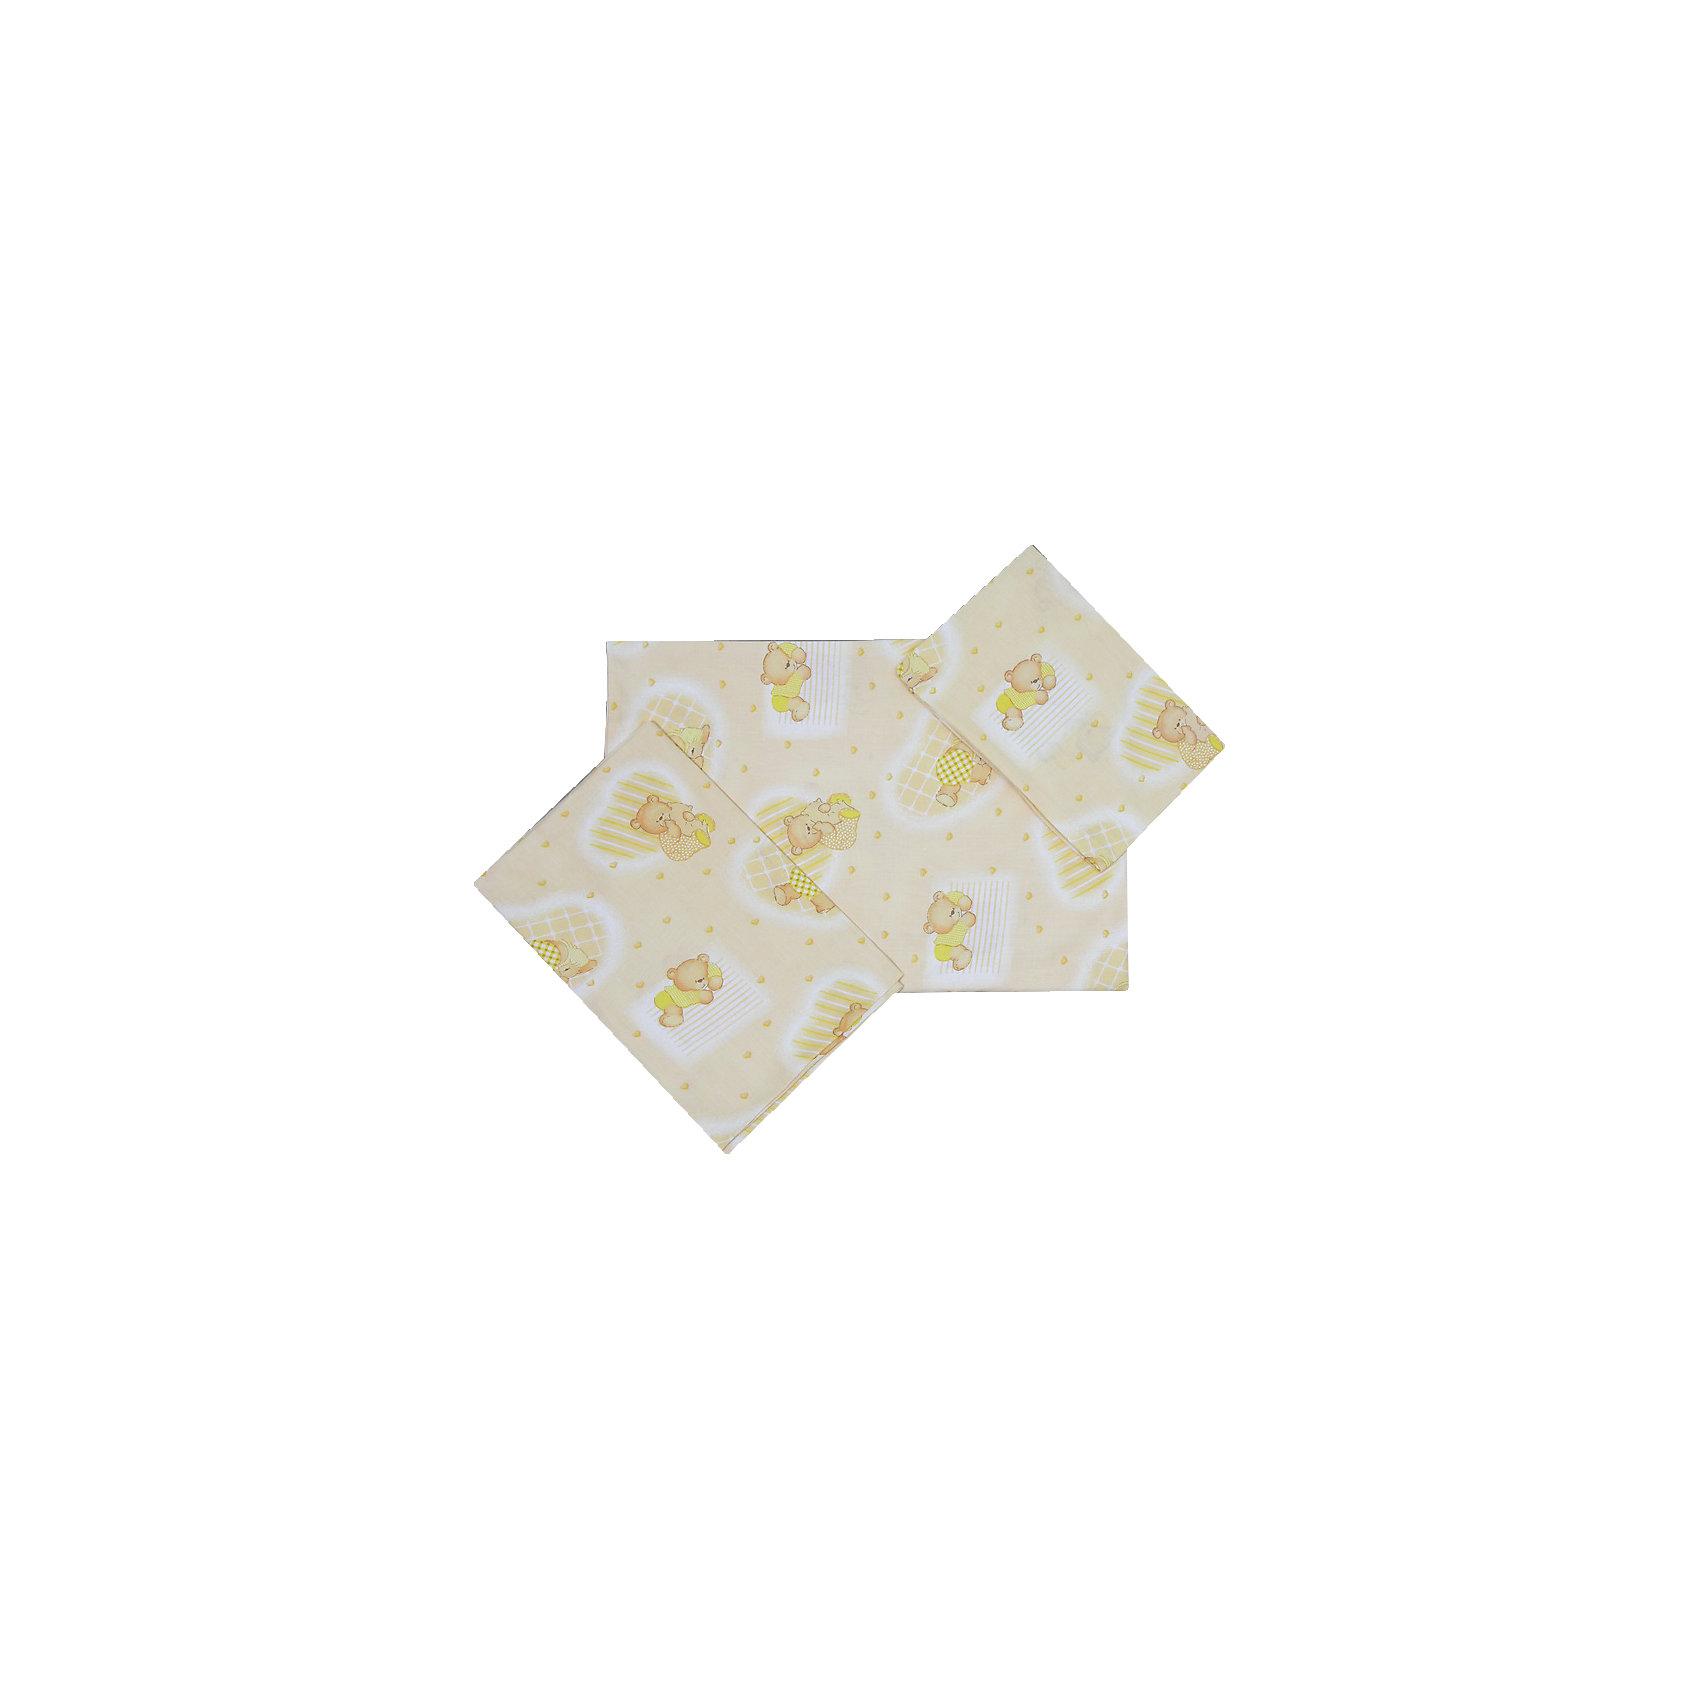 Простыня на резинке  Мишки Фея, желтыйПостельное бельё<br>Простыня выполнена из высококачественного гипоаллергенного материала безопасного для детей. Имеет удобный размер: хорошо заправляется, подходит для стандартных матрасов. Изделие имеет приятную расцветку, декорировано милым принтом: может подойти к белью различной расцветки. <br><br>Дополнительная информация:<br><br>- Материал: хлопок 100%.<br>- Размер: 100х160 см. <br>- Цвет: желтый.<br>- На резинке.<br>- Декоративные элементы: принт.<br><br>Простыню на резинке  Мишки Фея, желтую, можно купить в нашем магазине.<br><br>Ширина мм: 50<br>Глубина мм: 400<br>Высота мм: 400<br>Вес г: 100<br>Возраст от месяцев: 0<br>Возраст до месяцев: 36<br>Пол: Унисекс<br>Возраст: Детский<br>SKU: 4067742